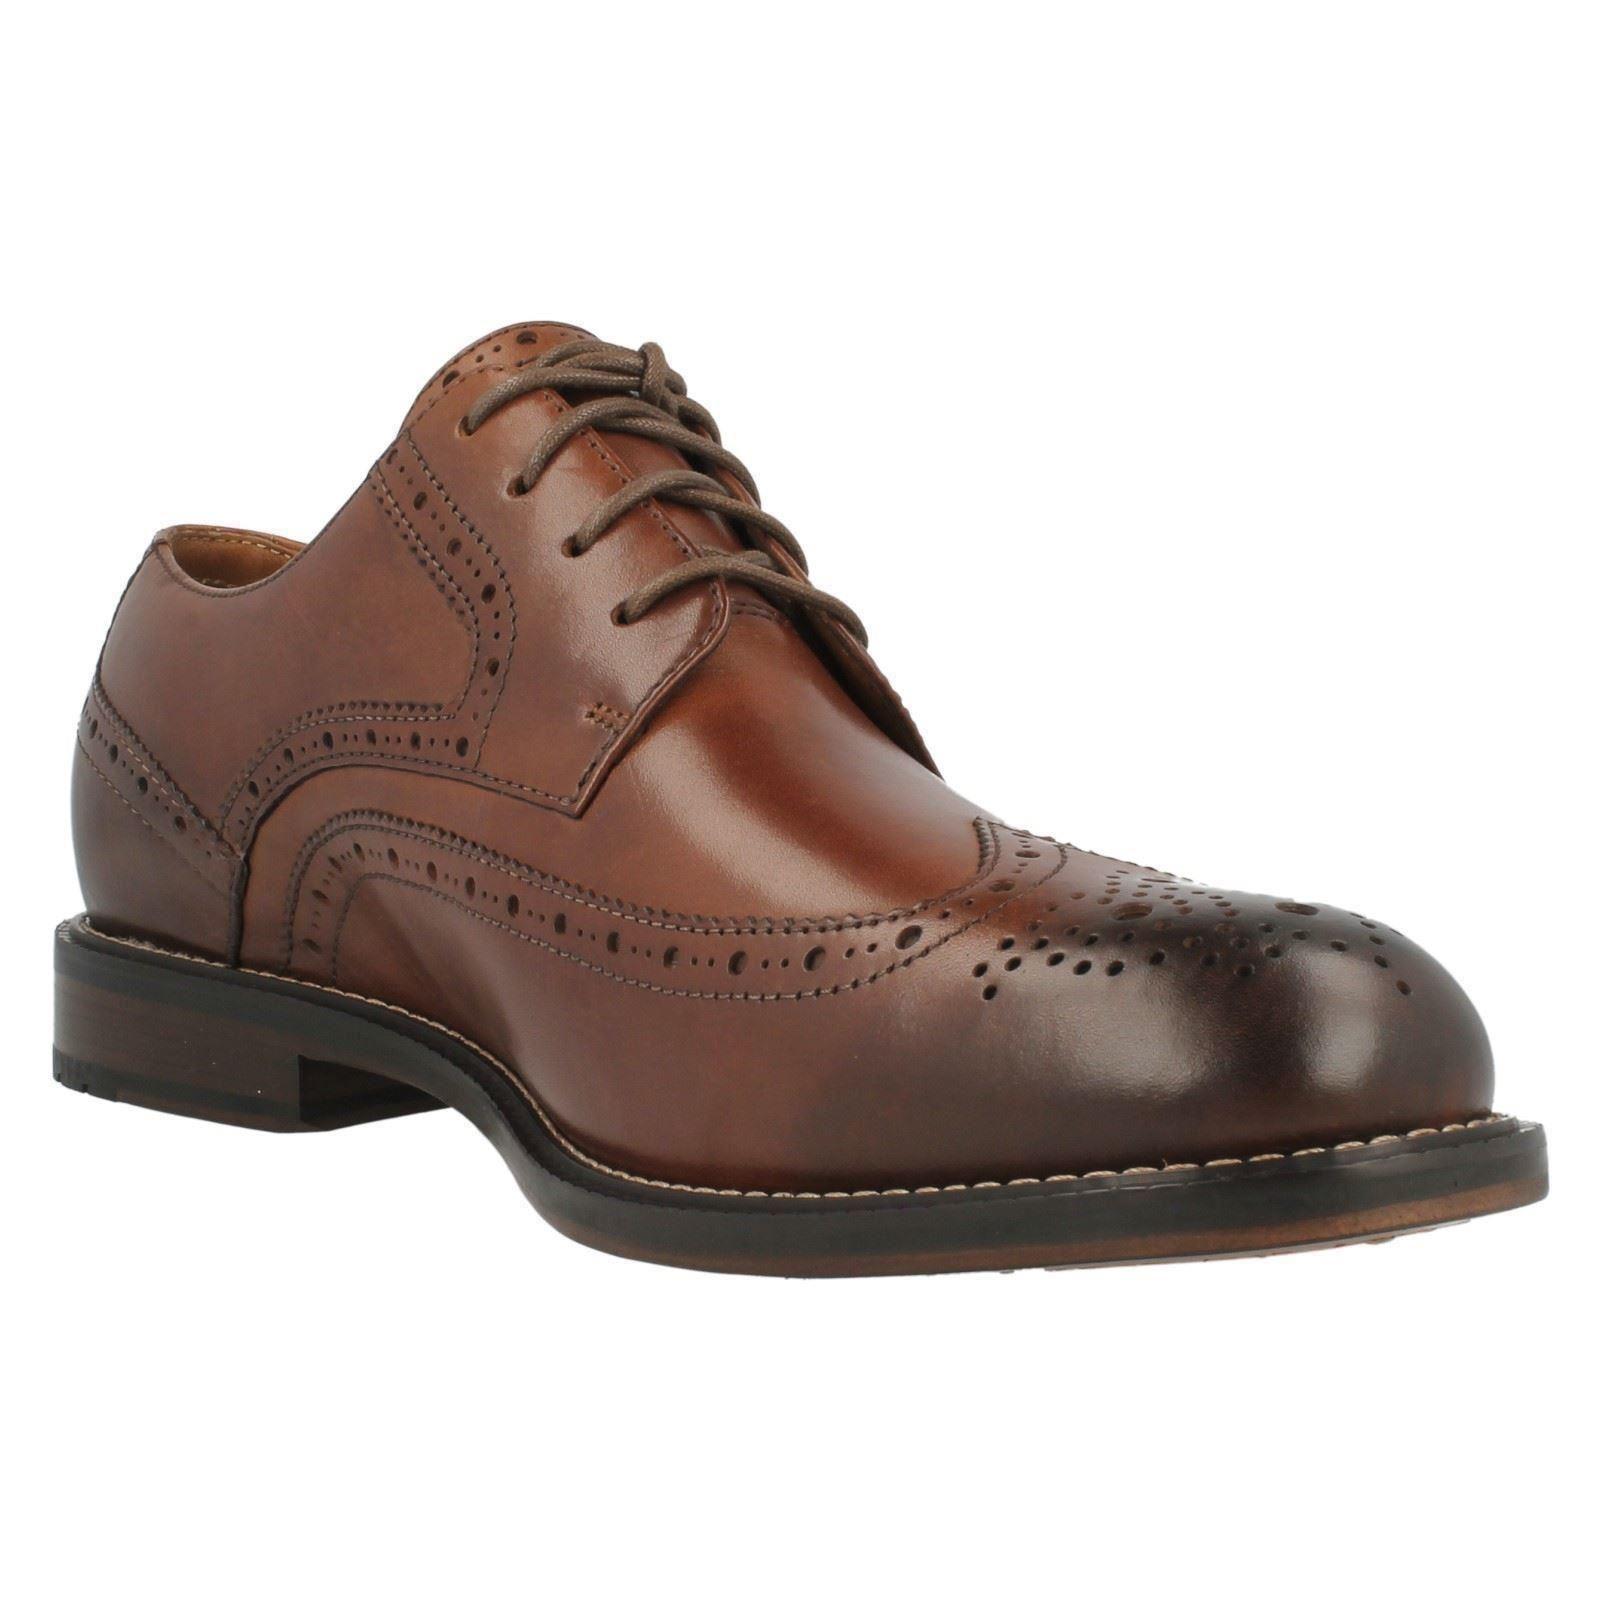 Da Uomo Clarks Formali Con Lacci Scarpe CALATA Dorset Limit Scarpe classiche da uomo